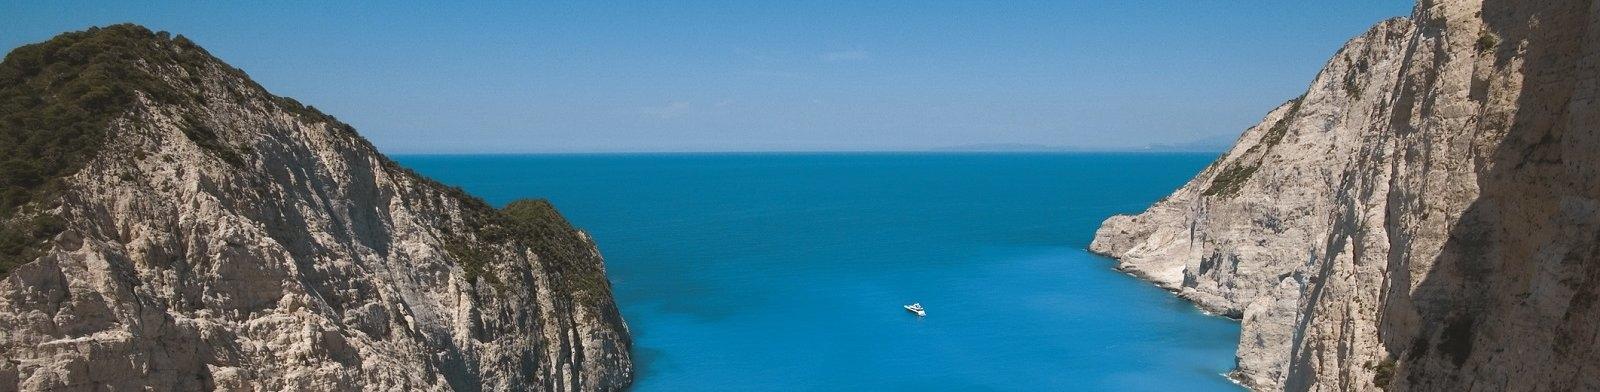 Zante sea view